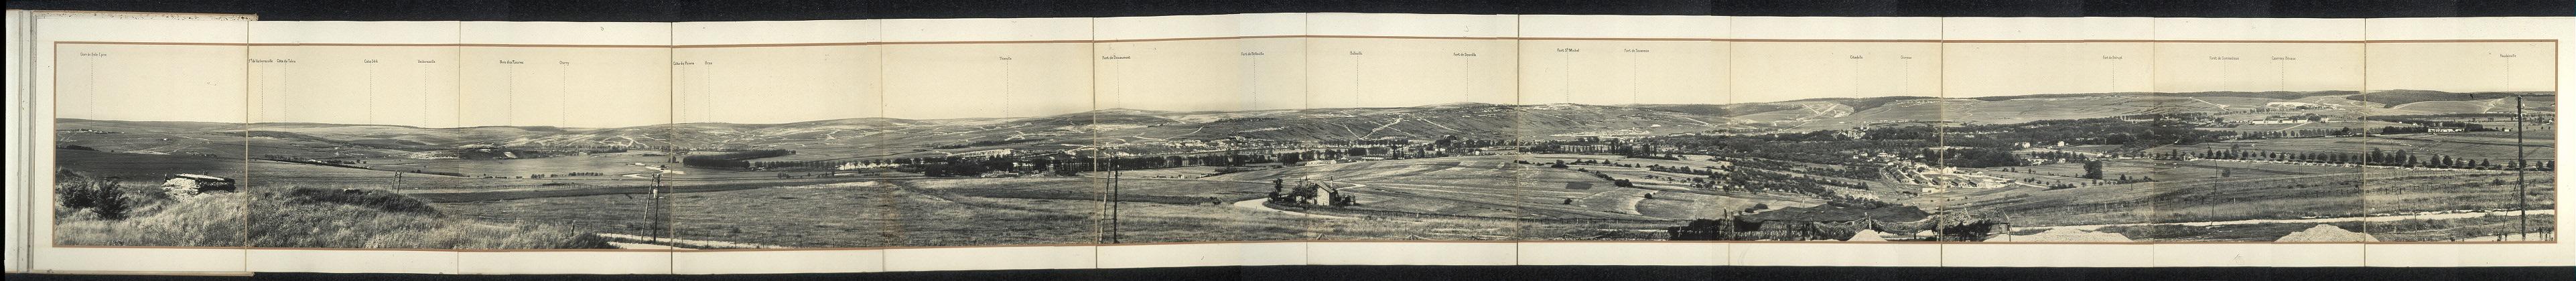 Panorama del campo di battaglia di Verdun